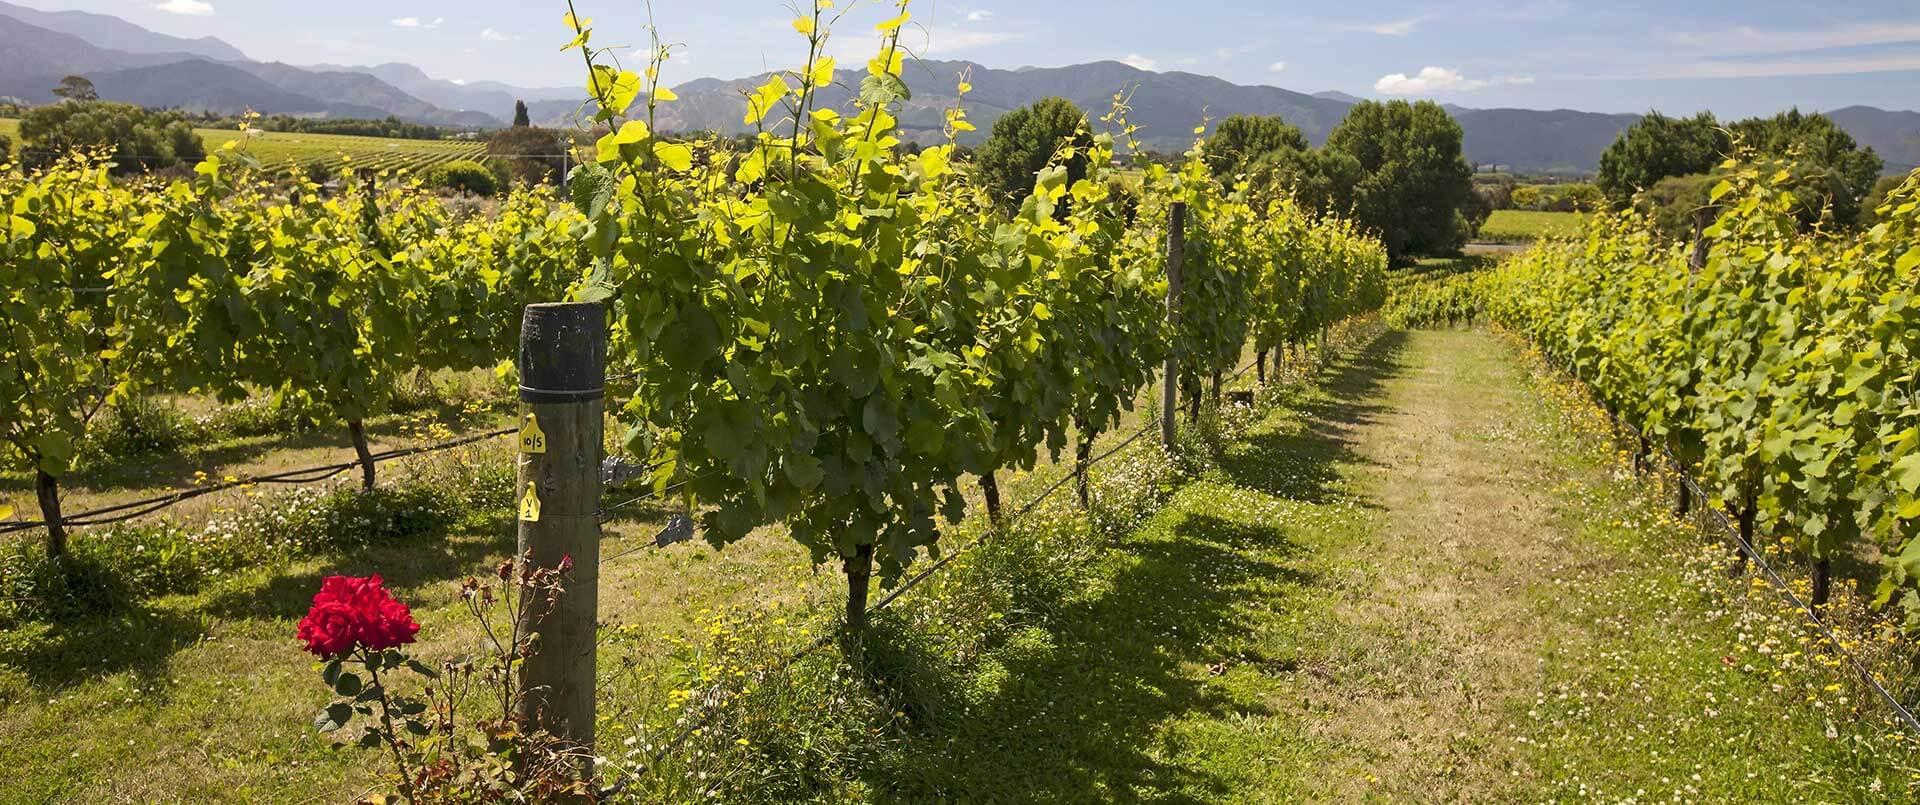 19 Day New Zealand Food & Wine Odyssey